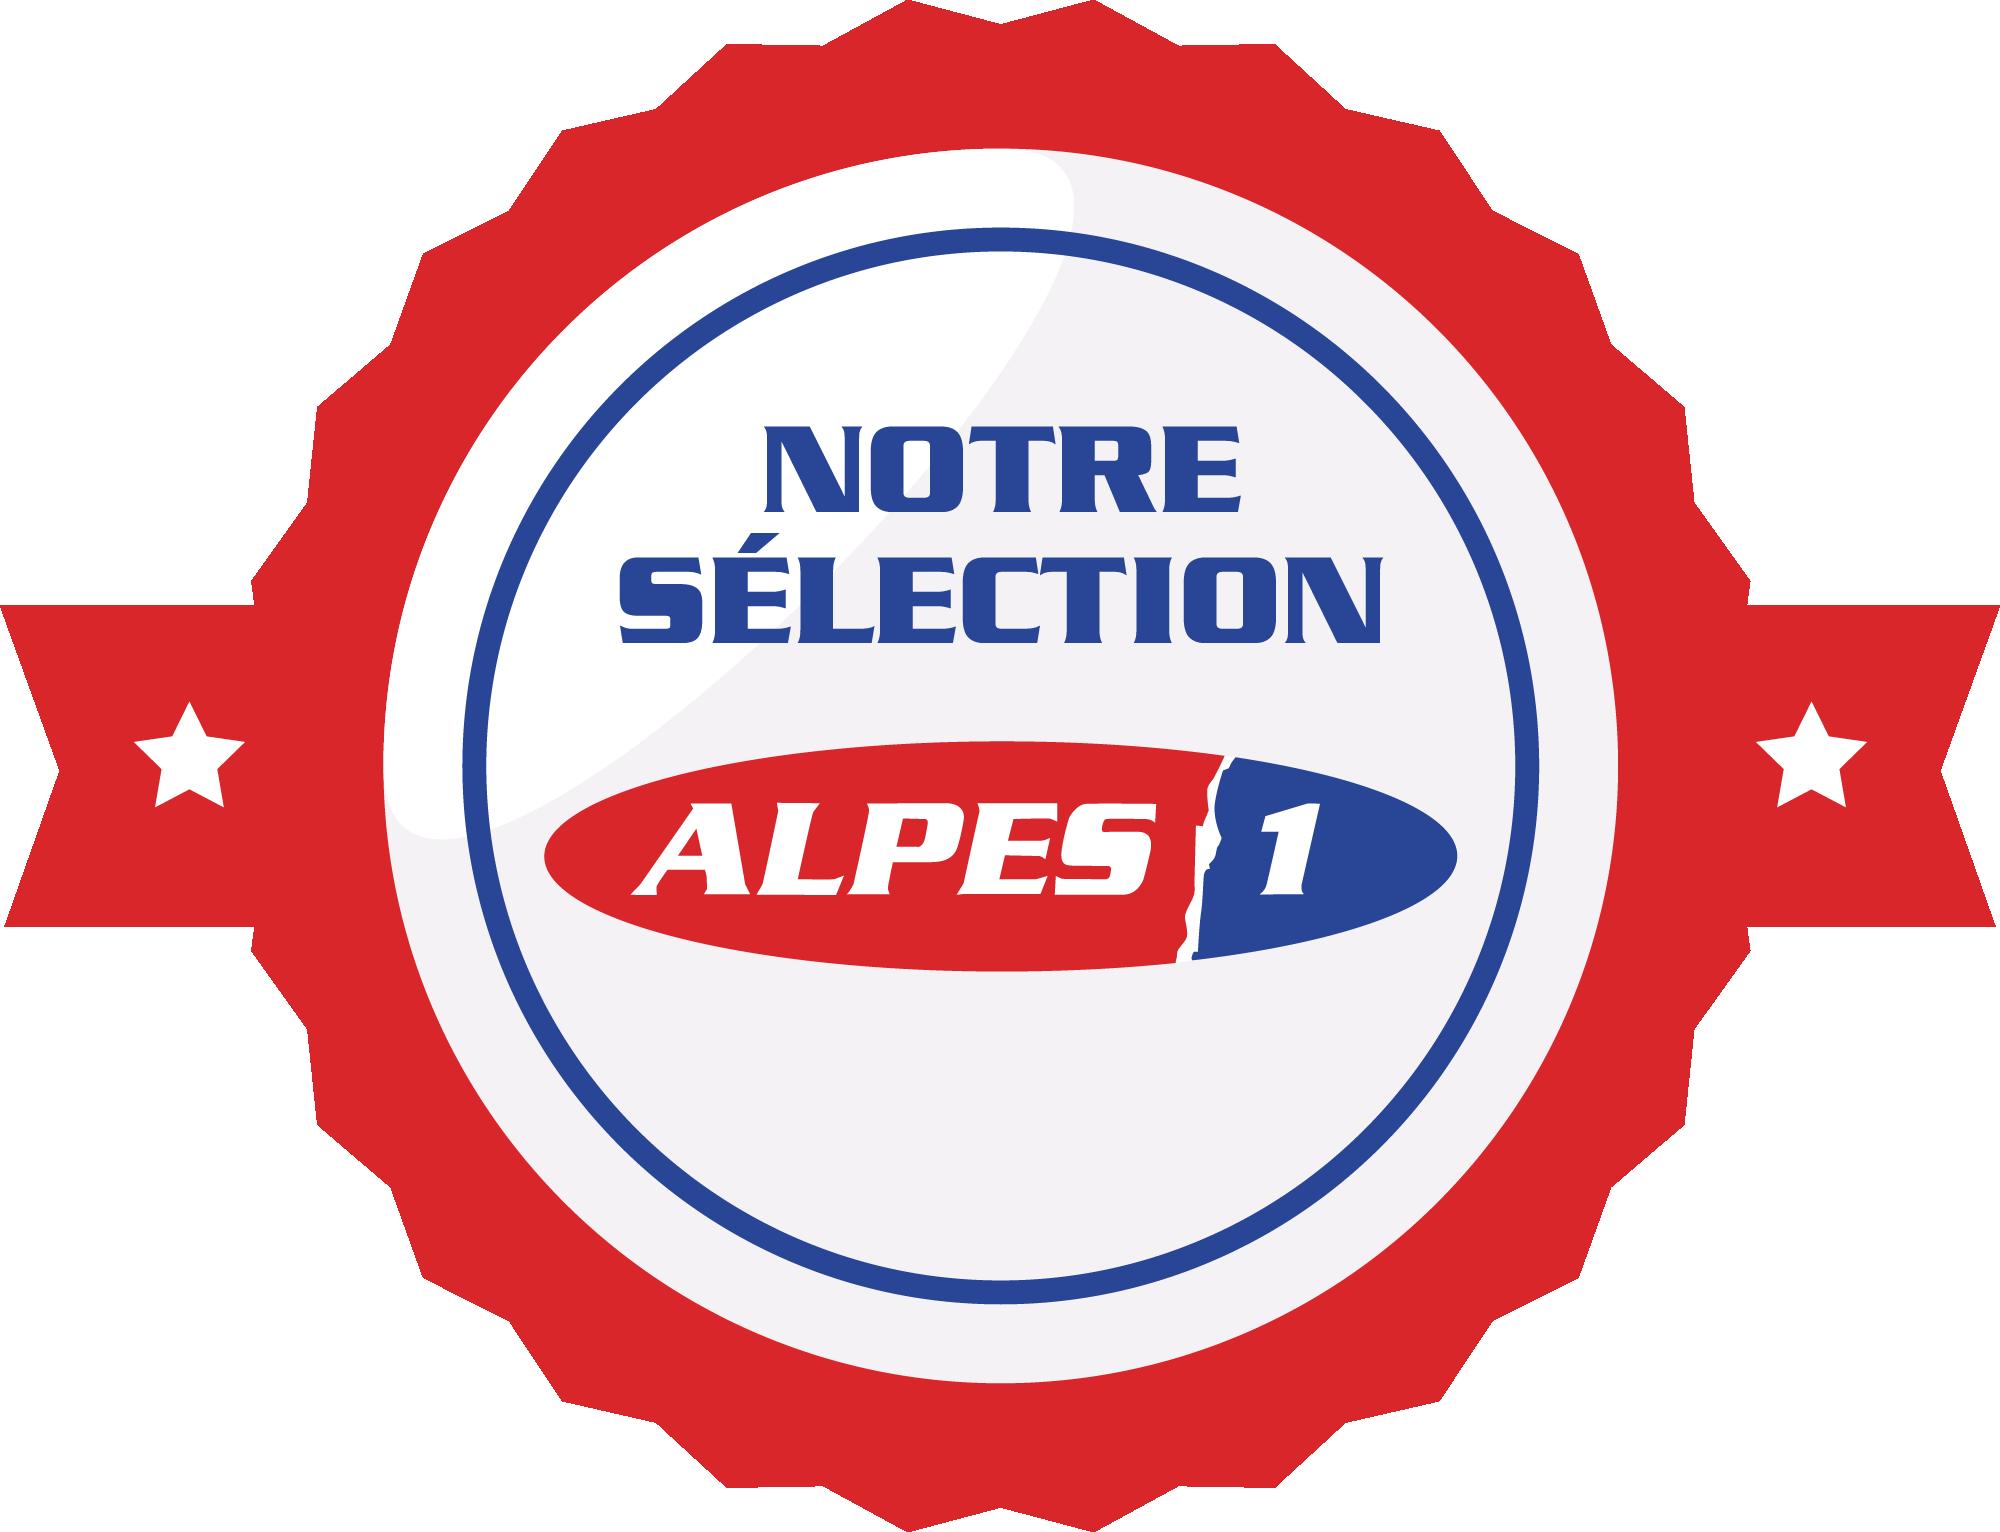 Notre sélection Alpes 1